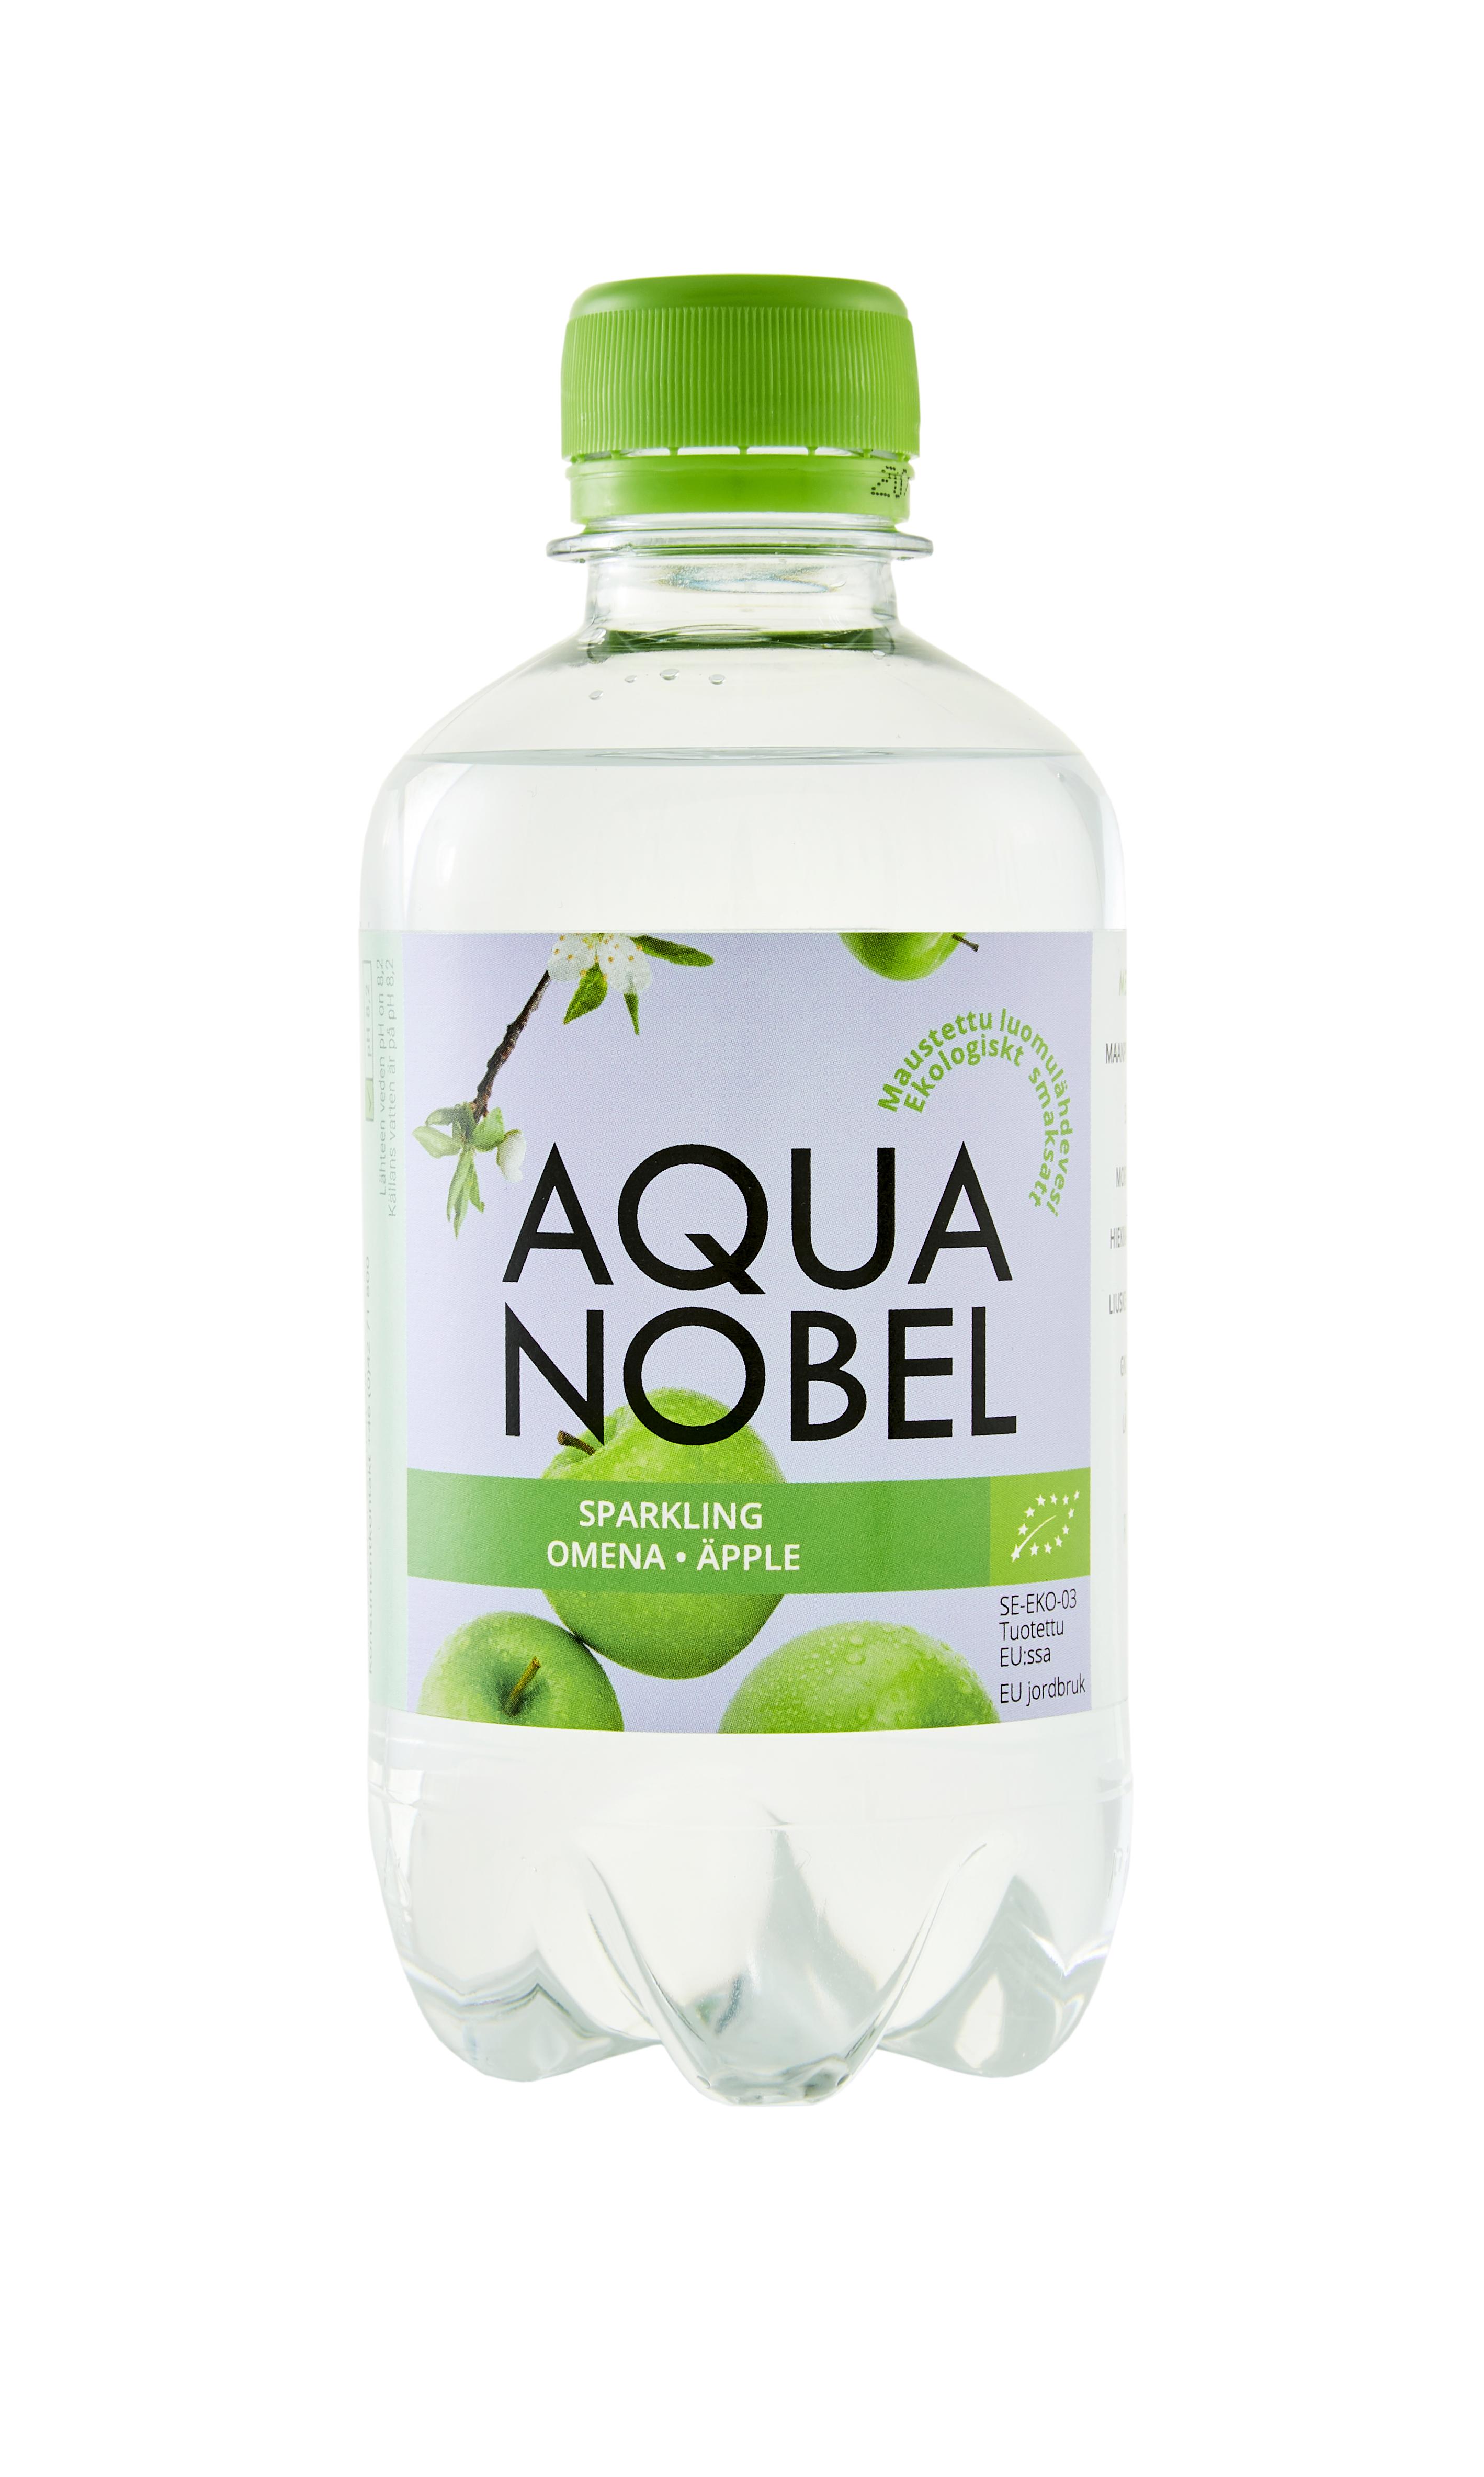 synkka-aqua-nobel